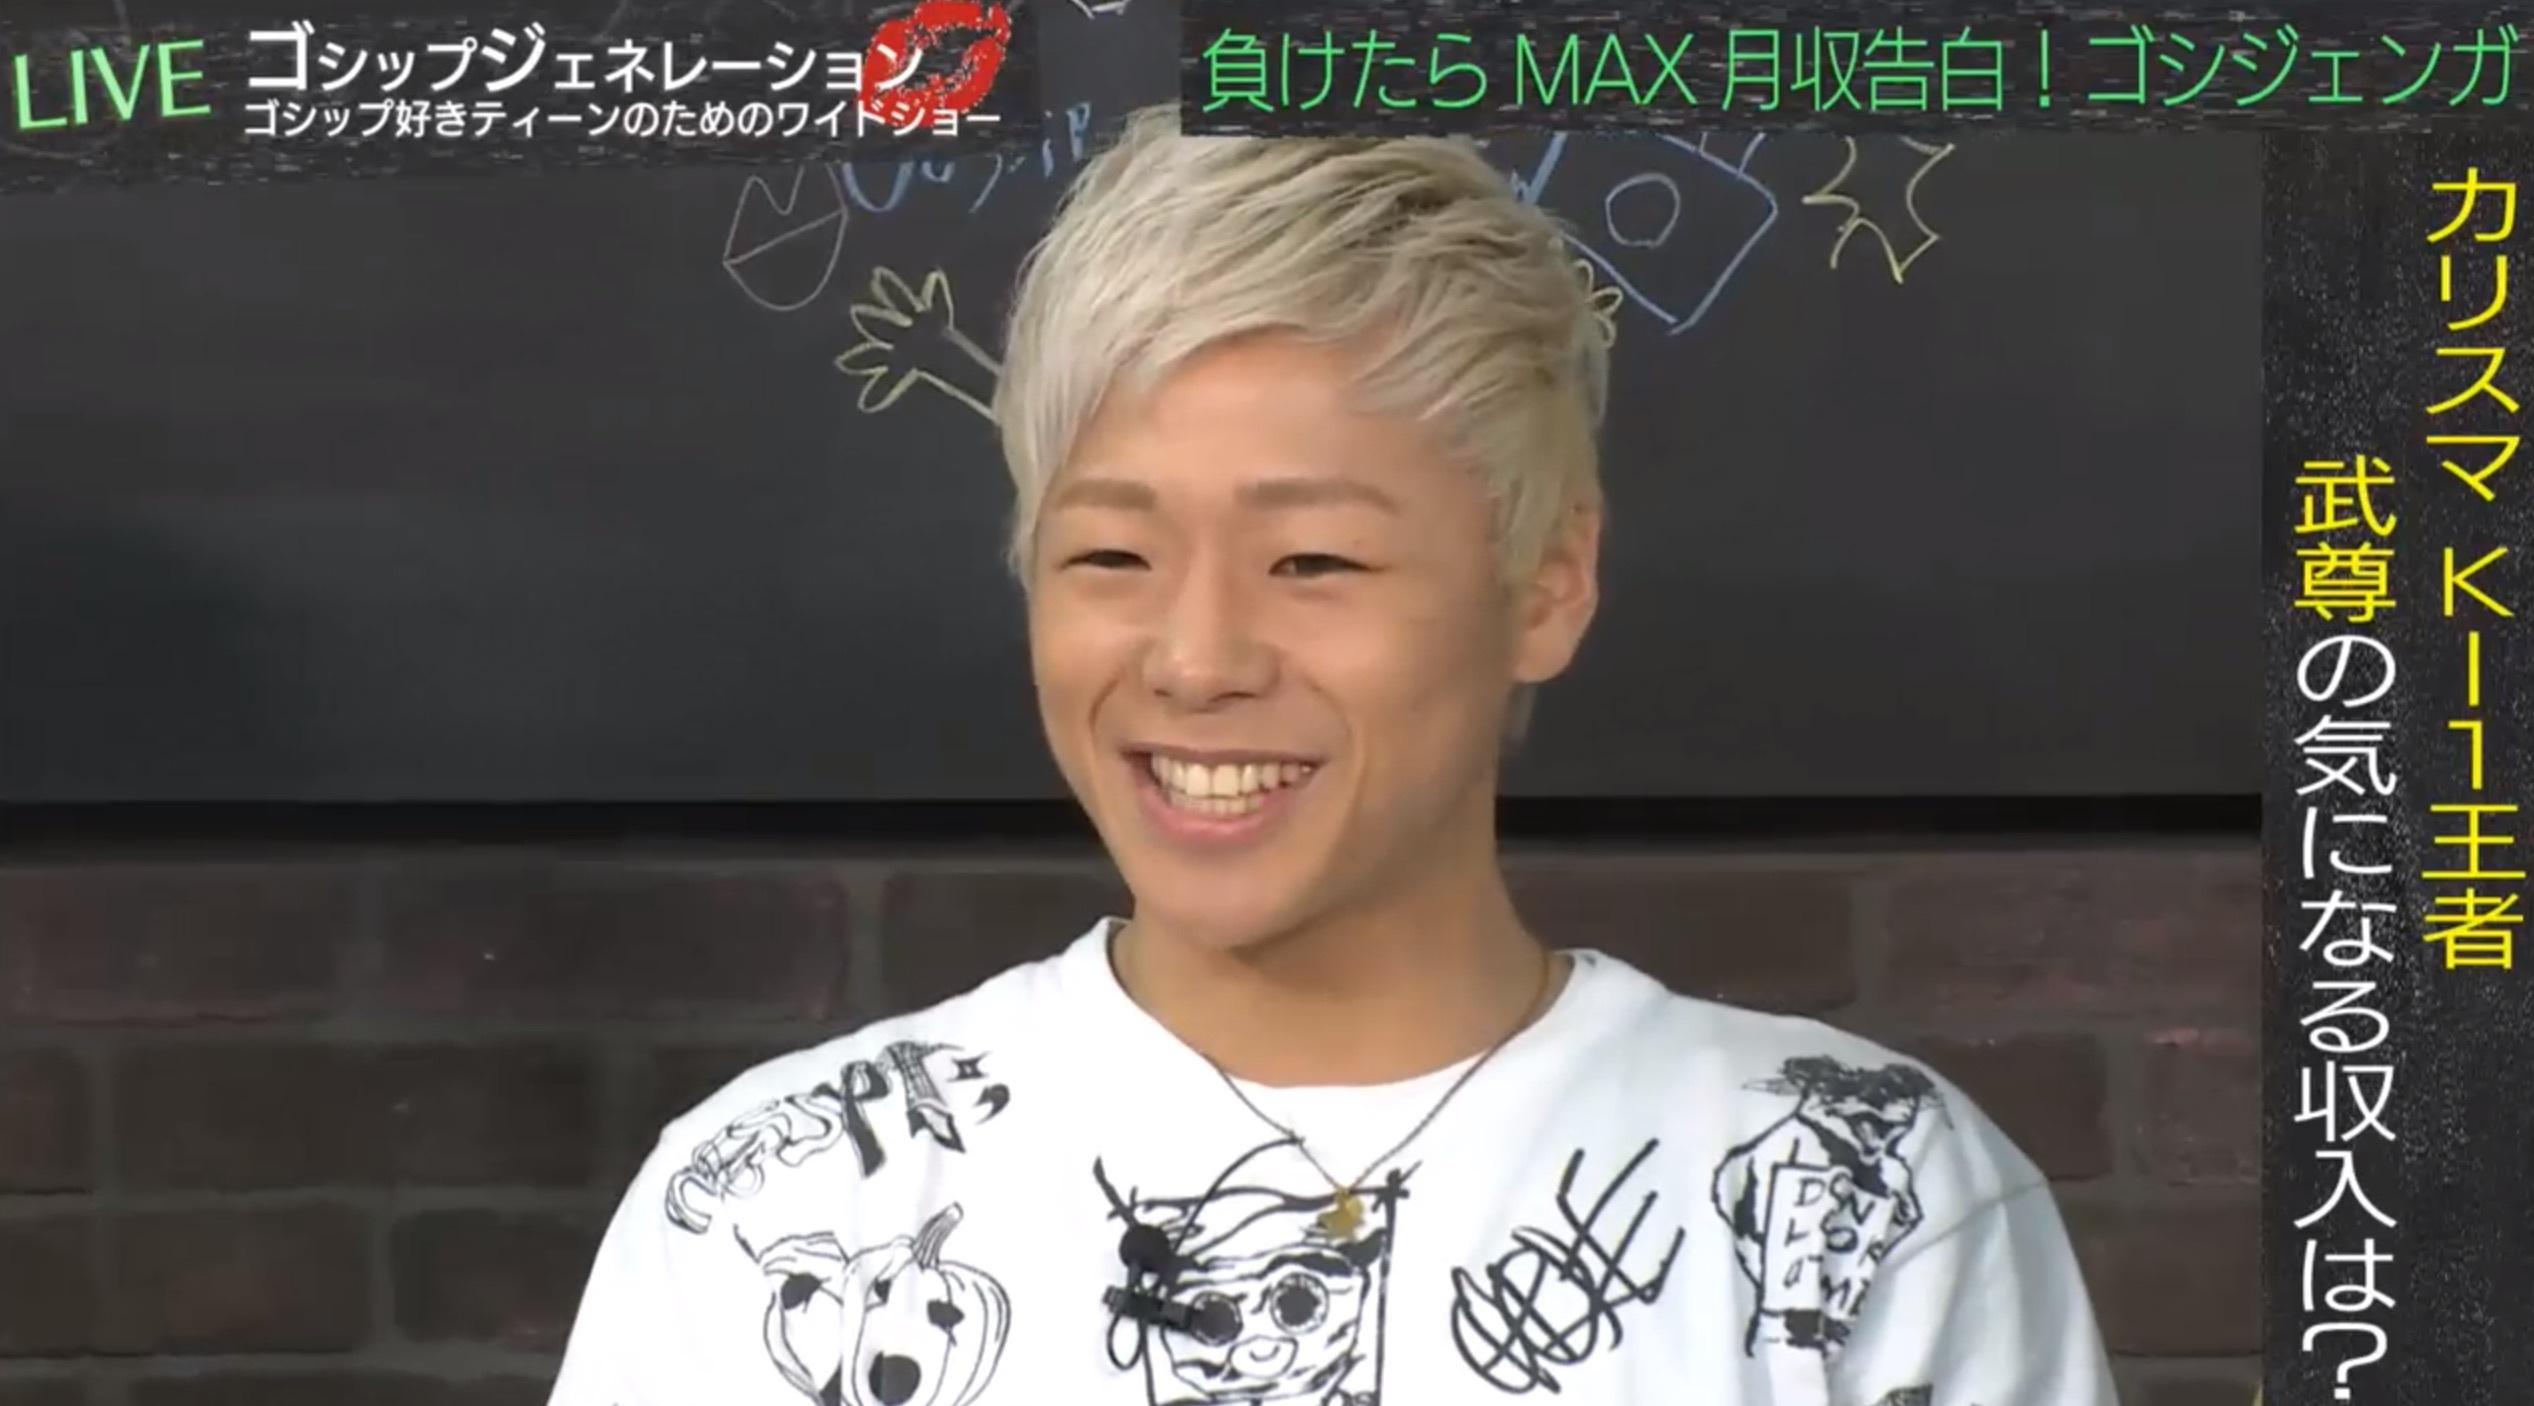 ゴシジェンガ」という企画で、武尊はギャルモデルの石川千裕(18)、読者モデルの佐藤ノア(19)、那須泰斗(17)と月収暴露を賭けて対決した。